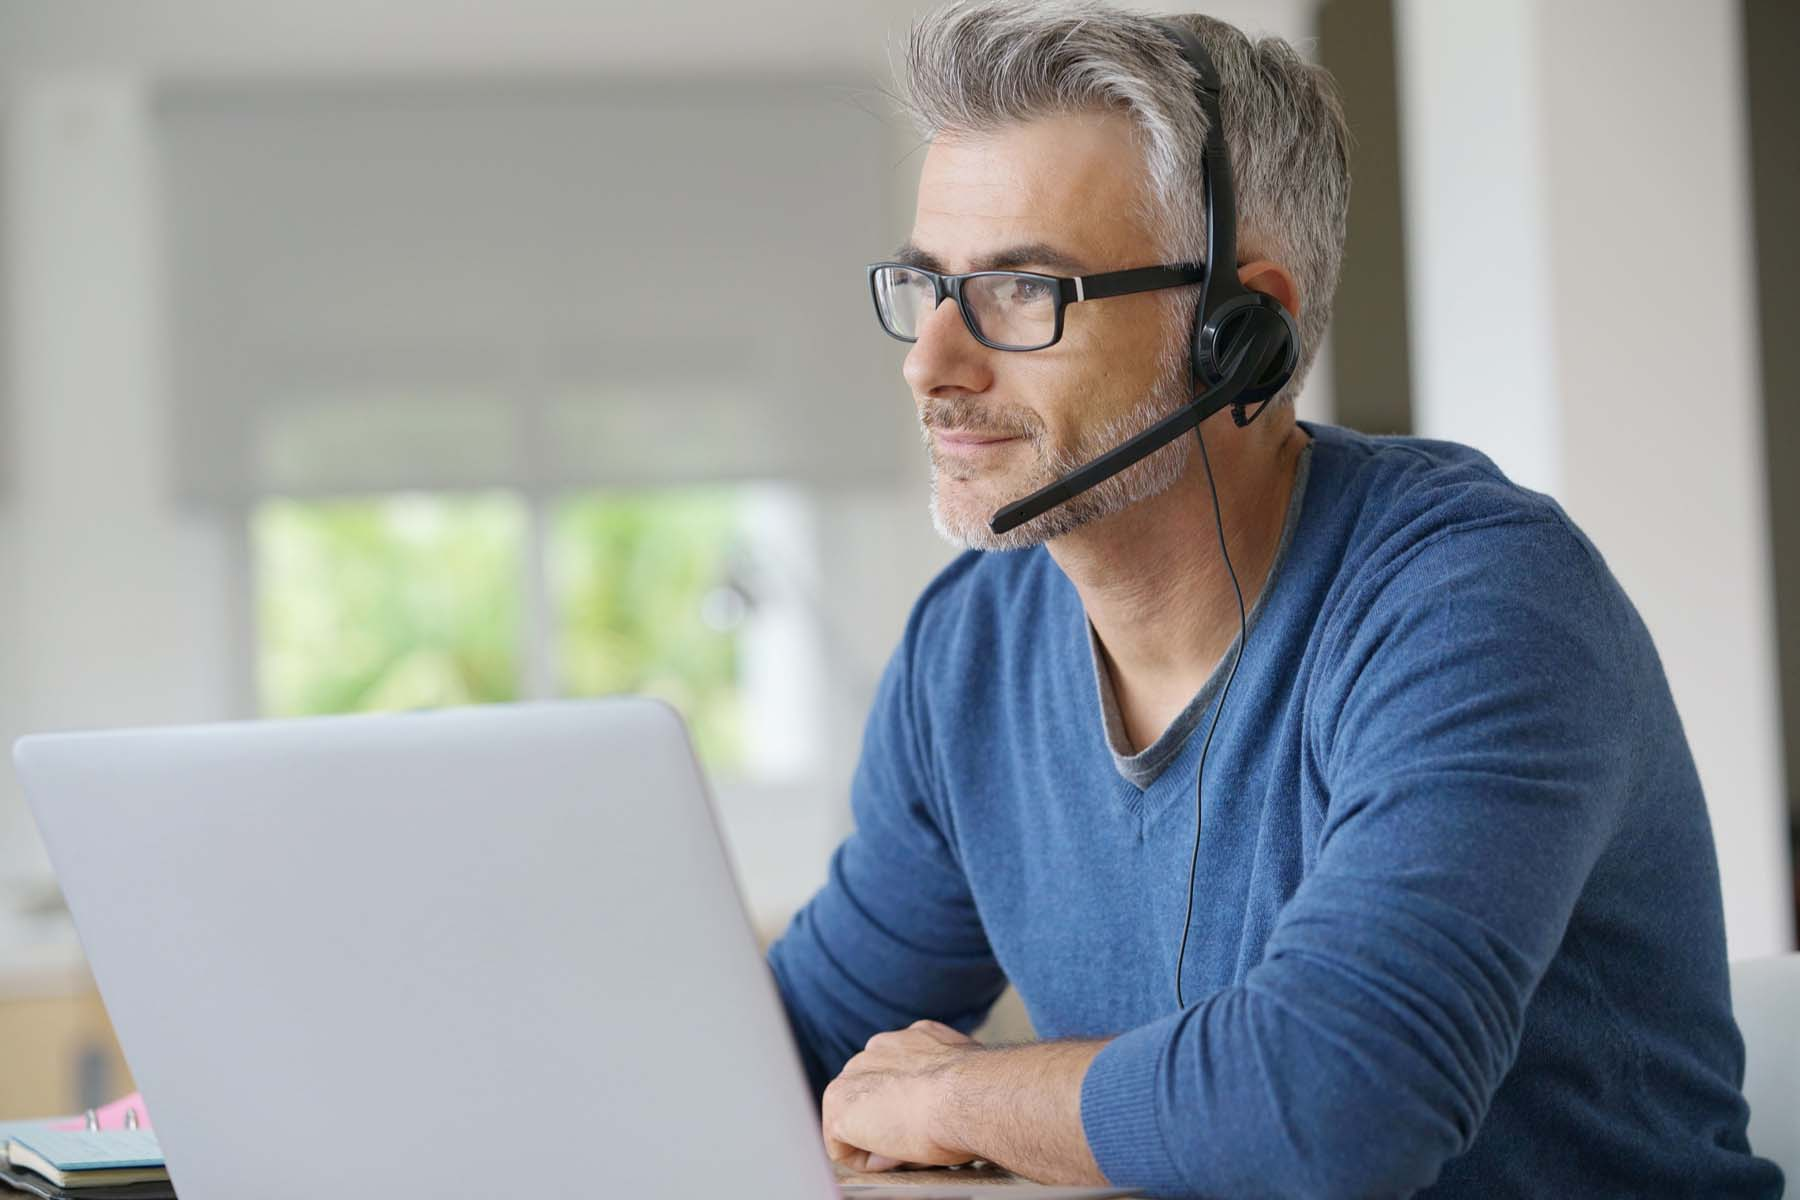 man teleworking